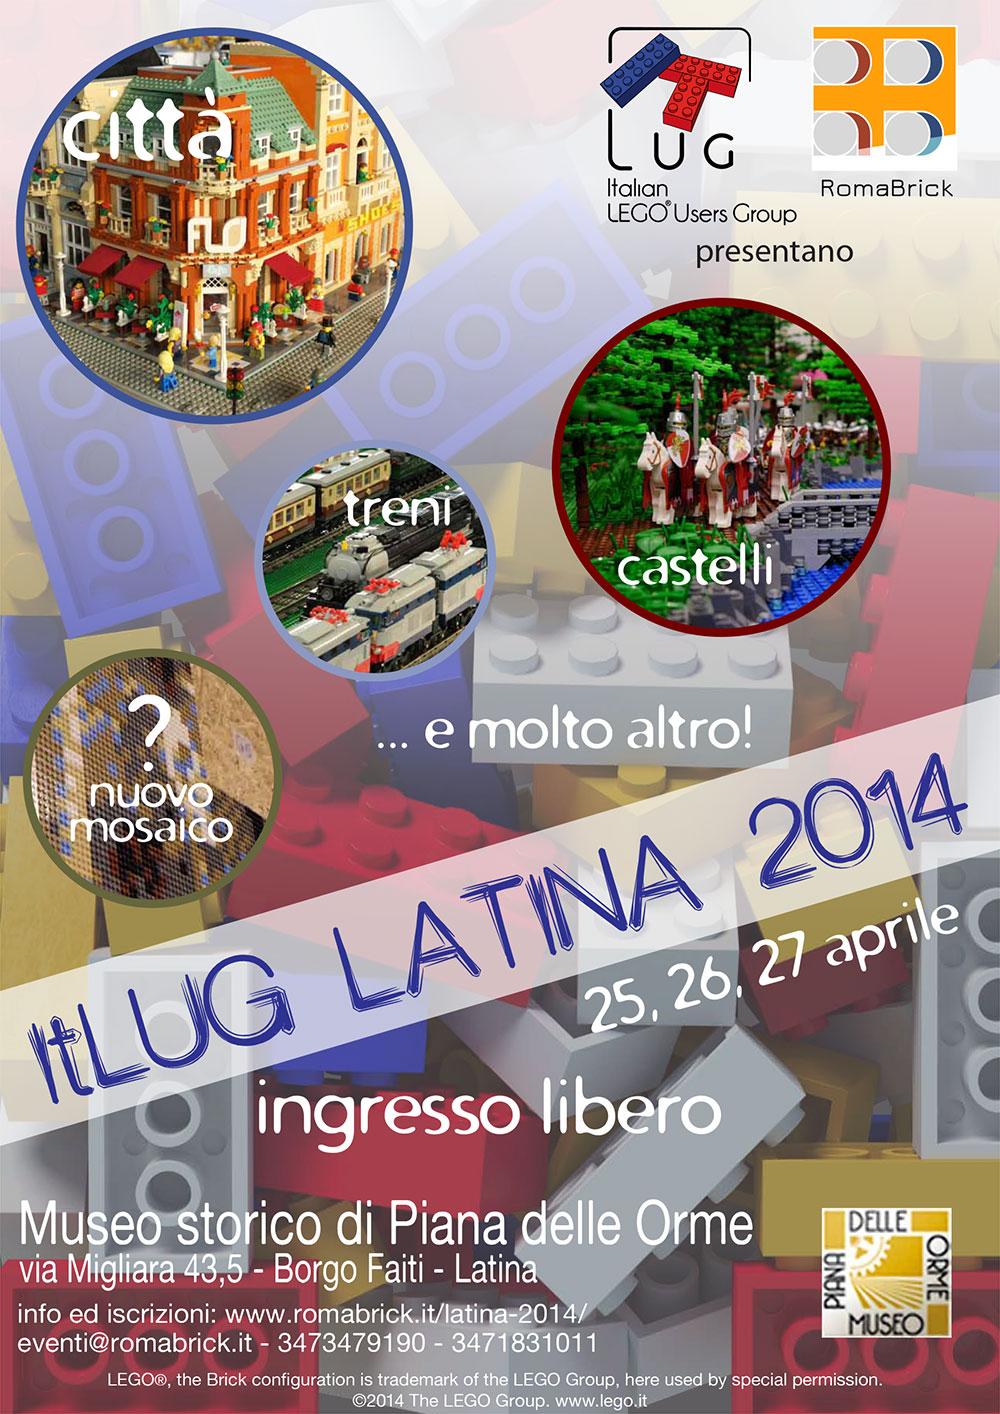 ItLUG Latina 2014